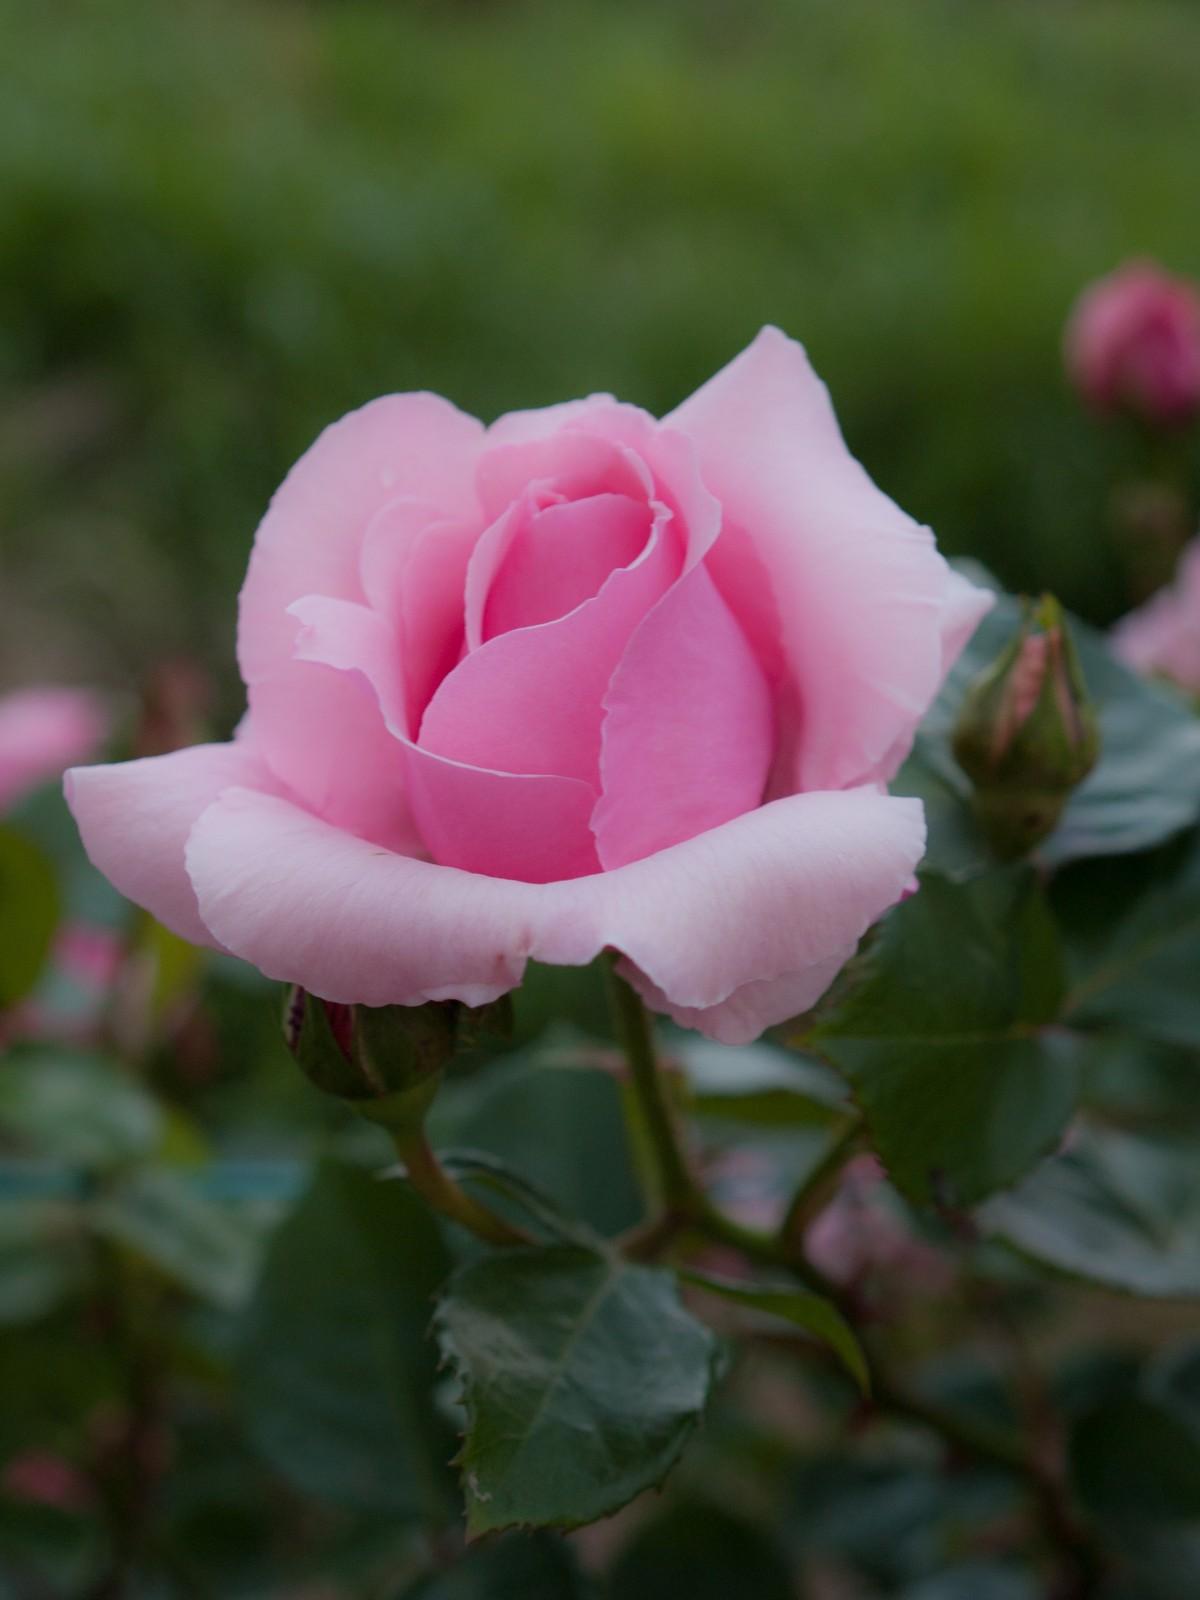 картинки розы розового цвета существенно отличаются